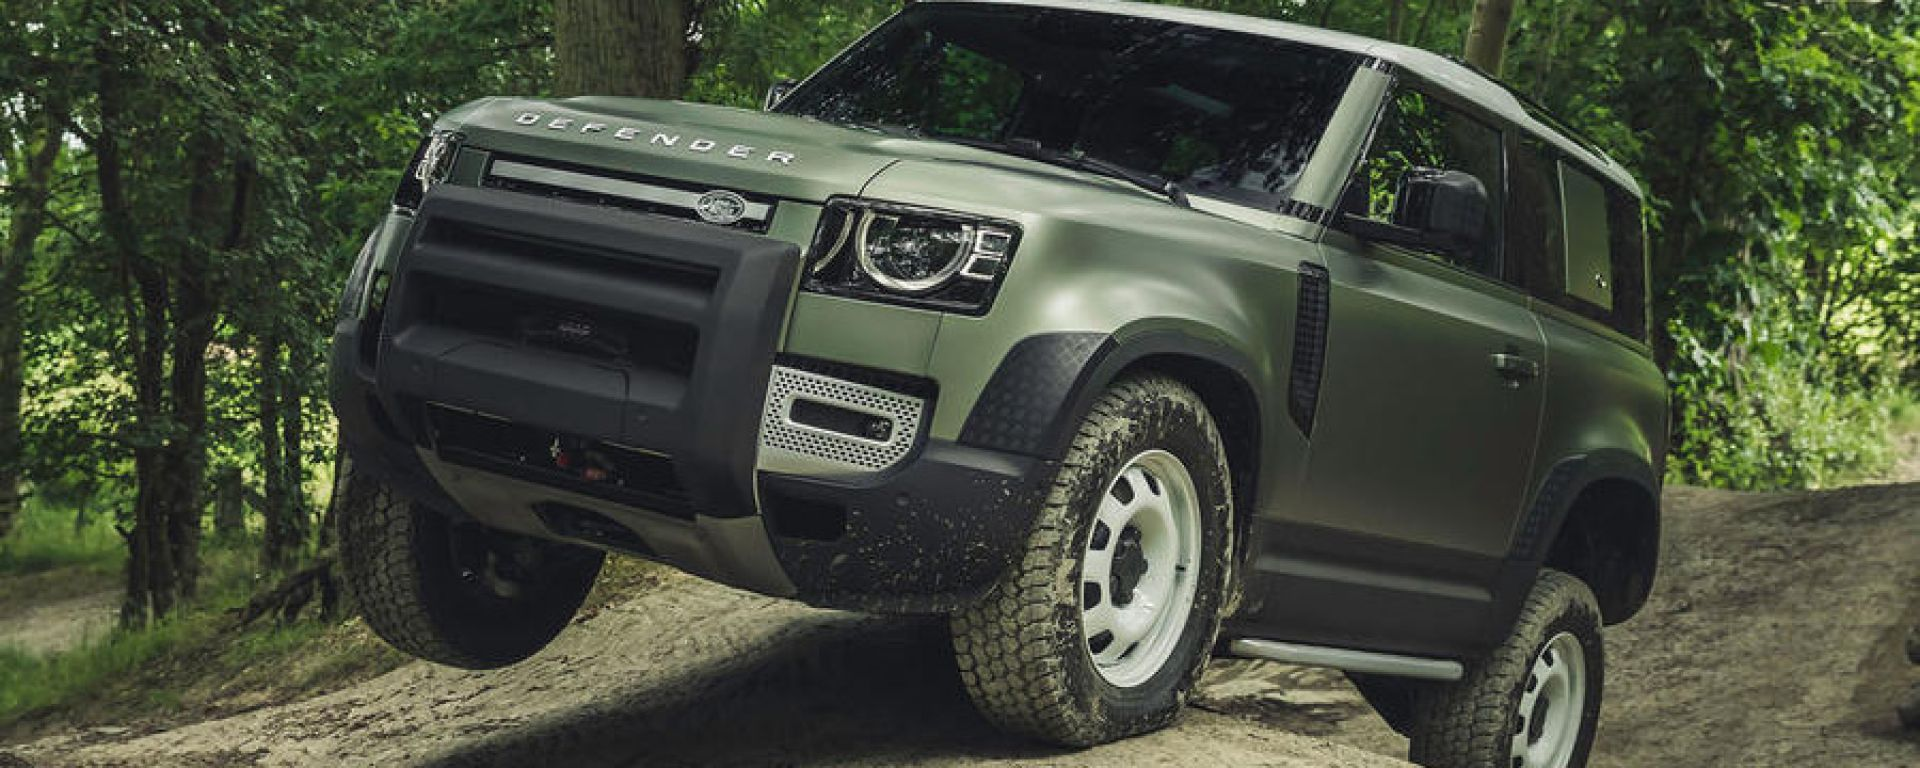 Nuova Land Rover Defender 2020: guida da remoto in off-road